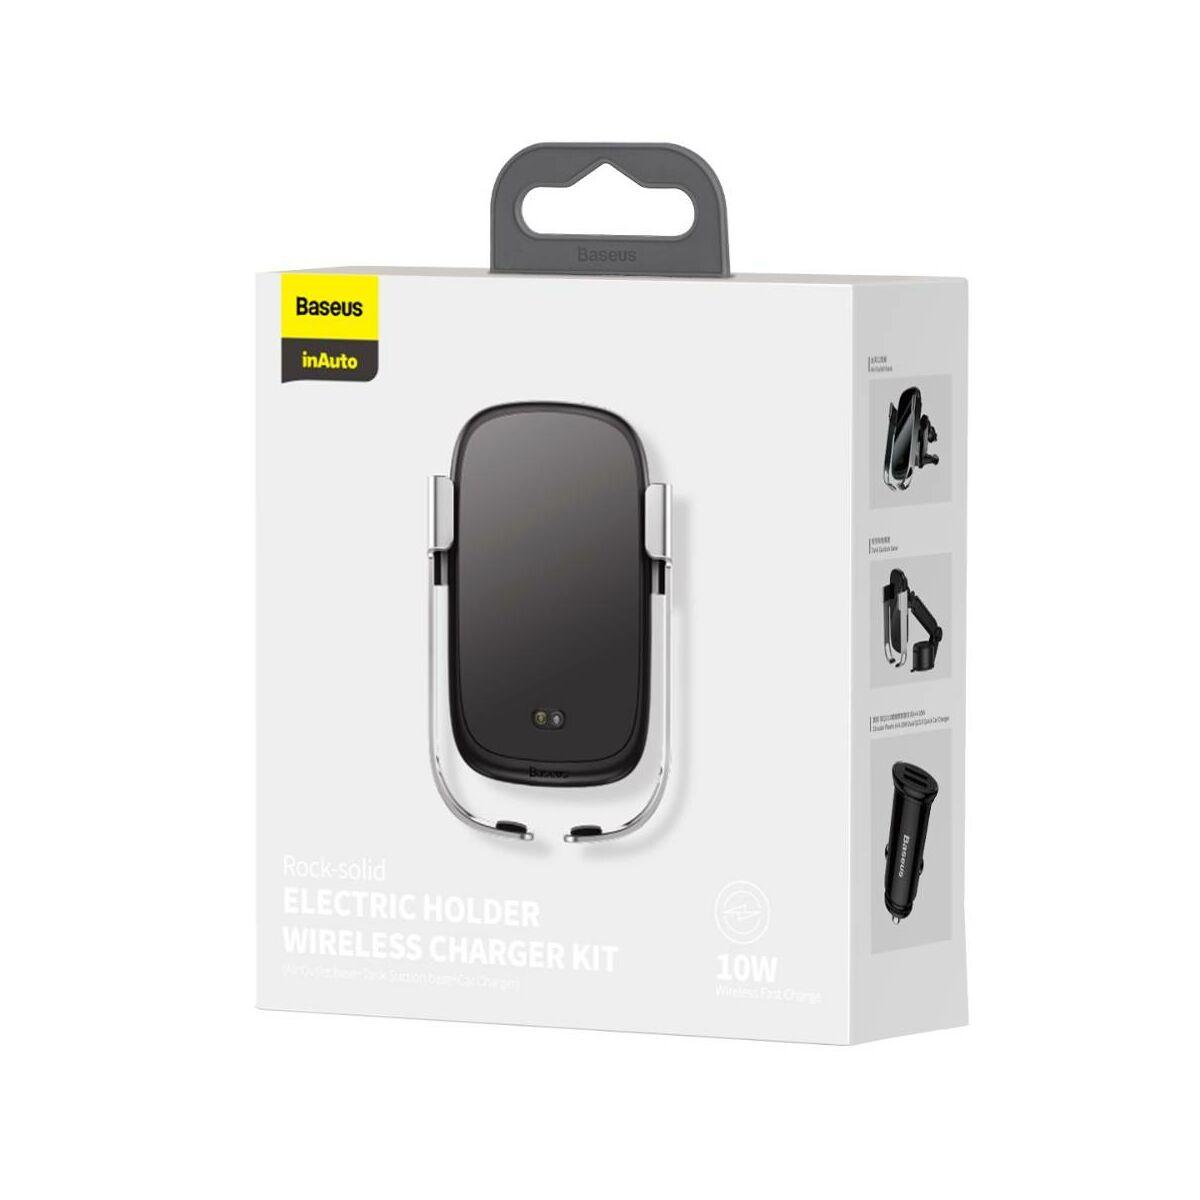 Baseus autós telefon tartó, Rock-solid Electric Holder szett, szenzoros nyit, Vez. Nélk. Tölt (szellőző+műszerf+szivargy) ezüst WXHW01-B0S